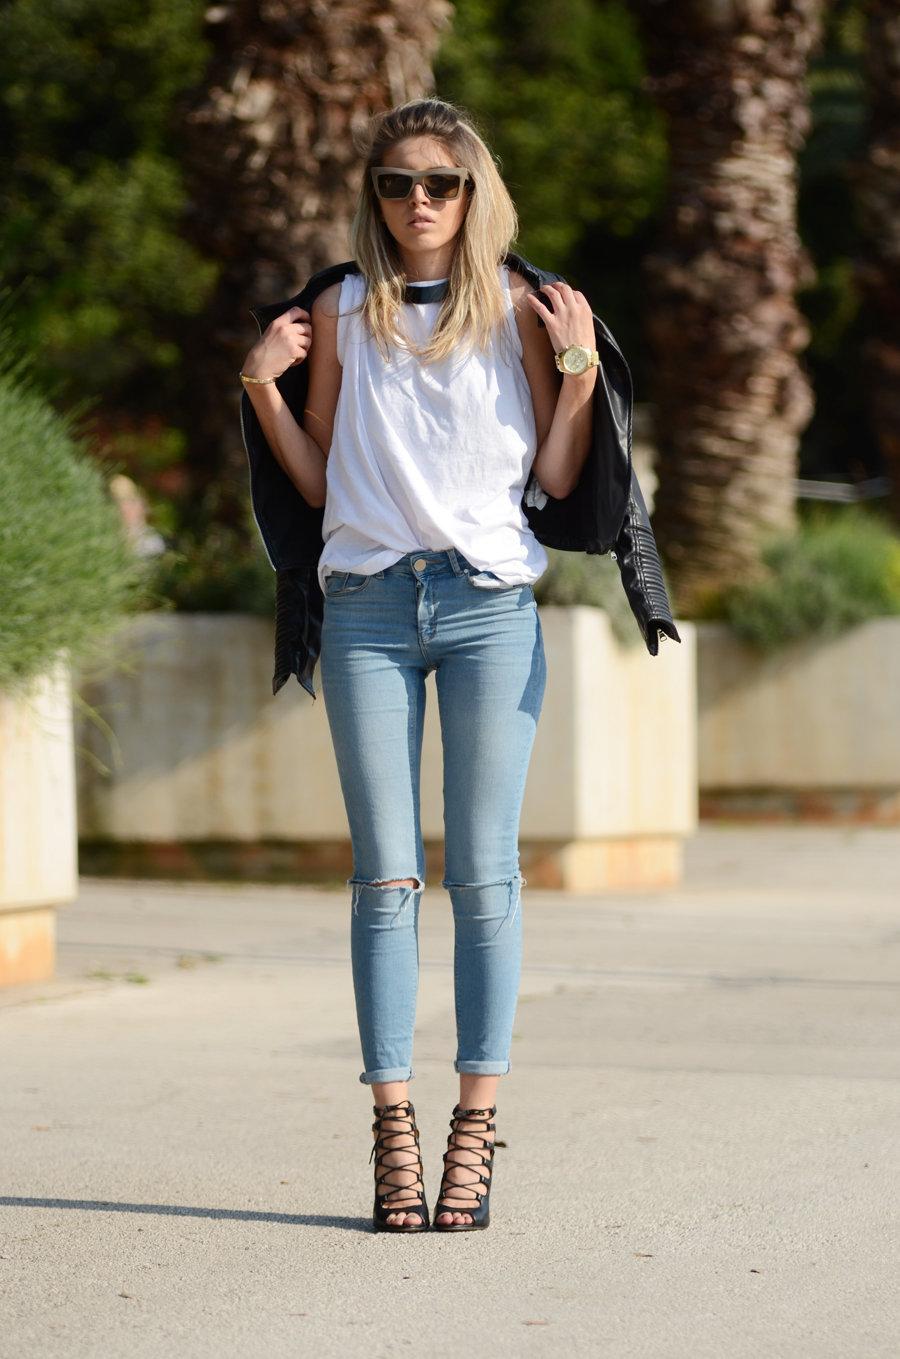 Джинсы скинни женские: фото, с чем носить, кому подходят с высокой талией, посадкой, вышивкой, дырками на коленях, укороченные, модели для полных